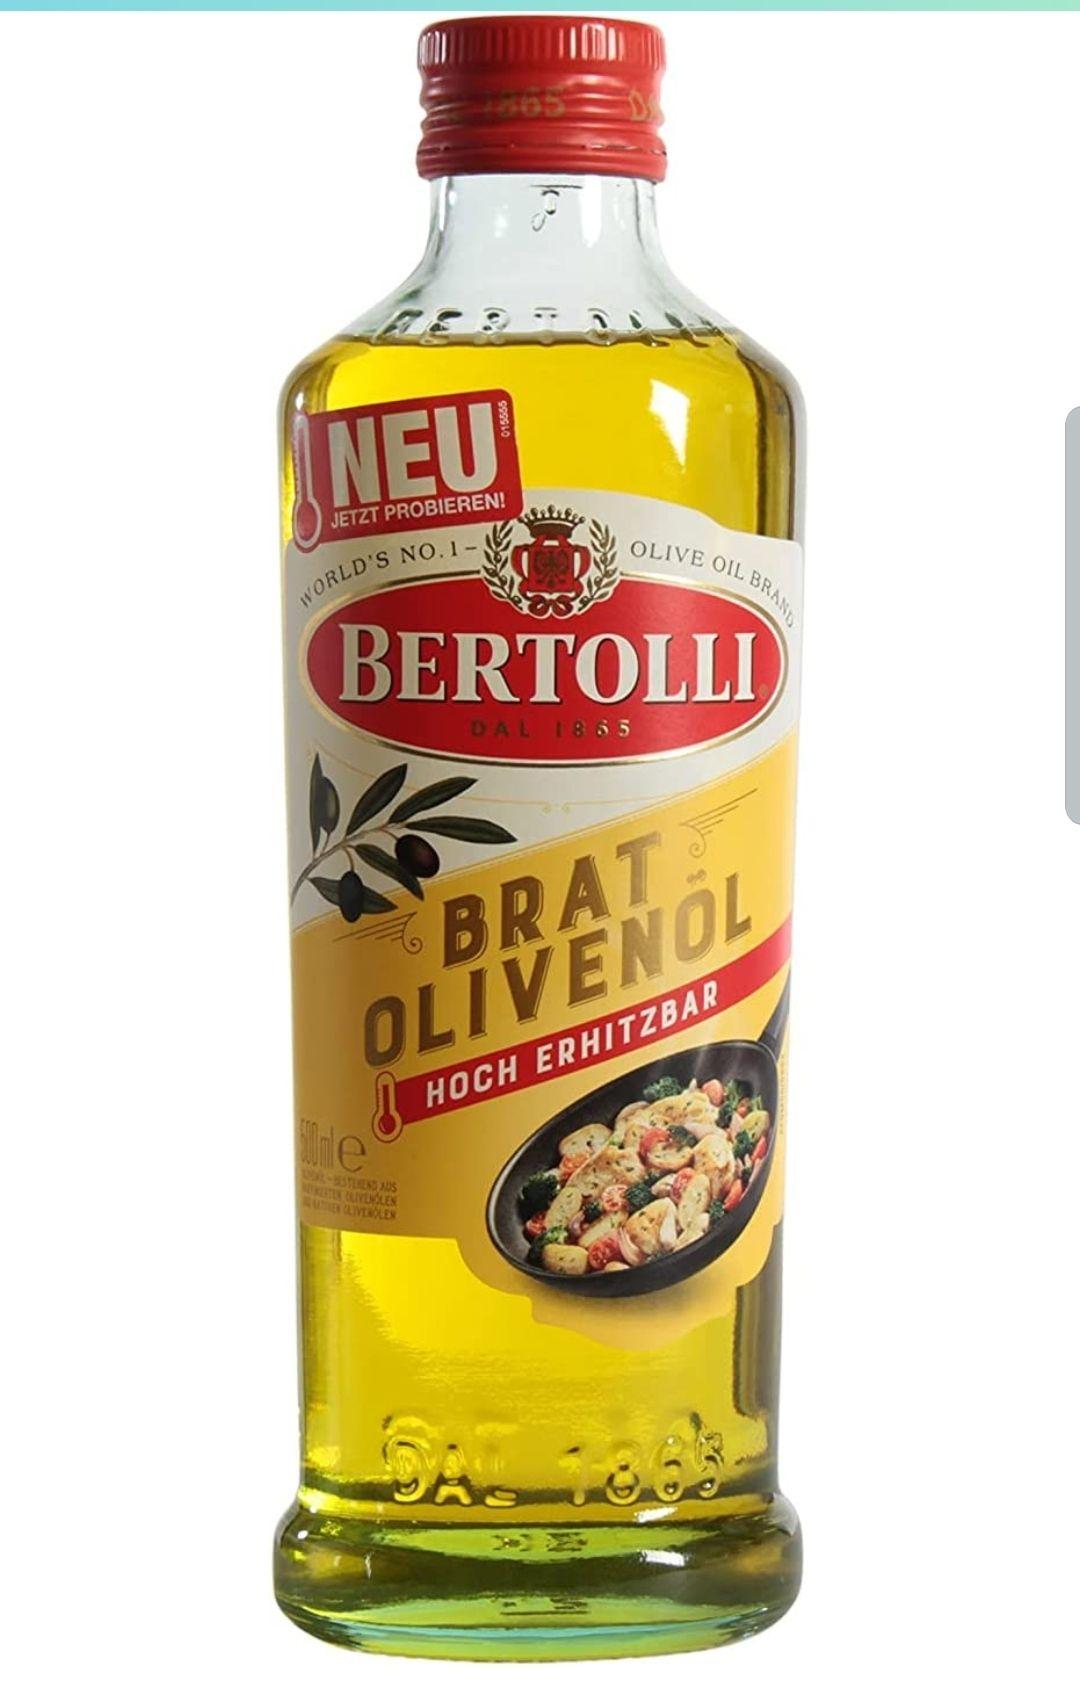 (lokal) Bertolli Bratolivenöl 500ml. 1,27€ anstatt 3,99€ mit coupies